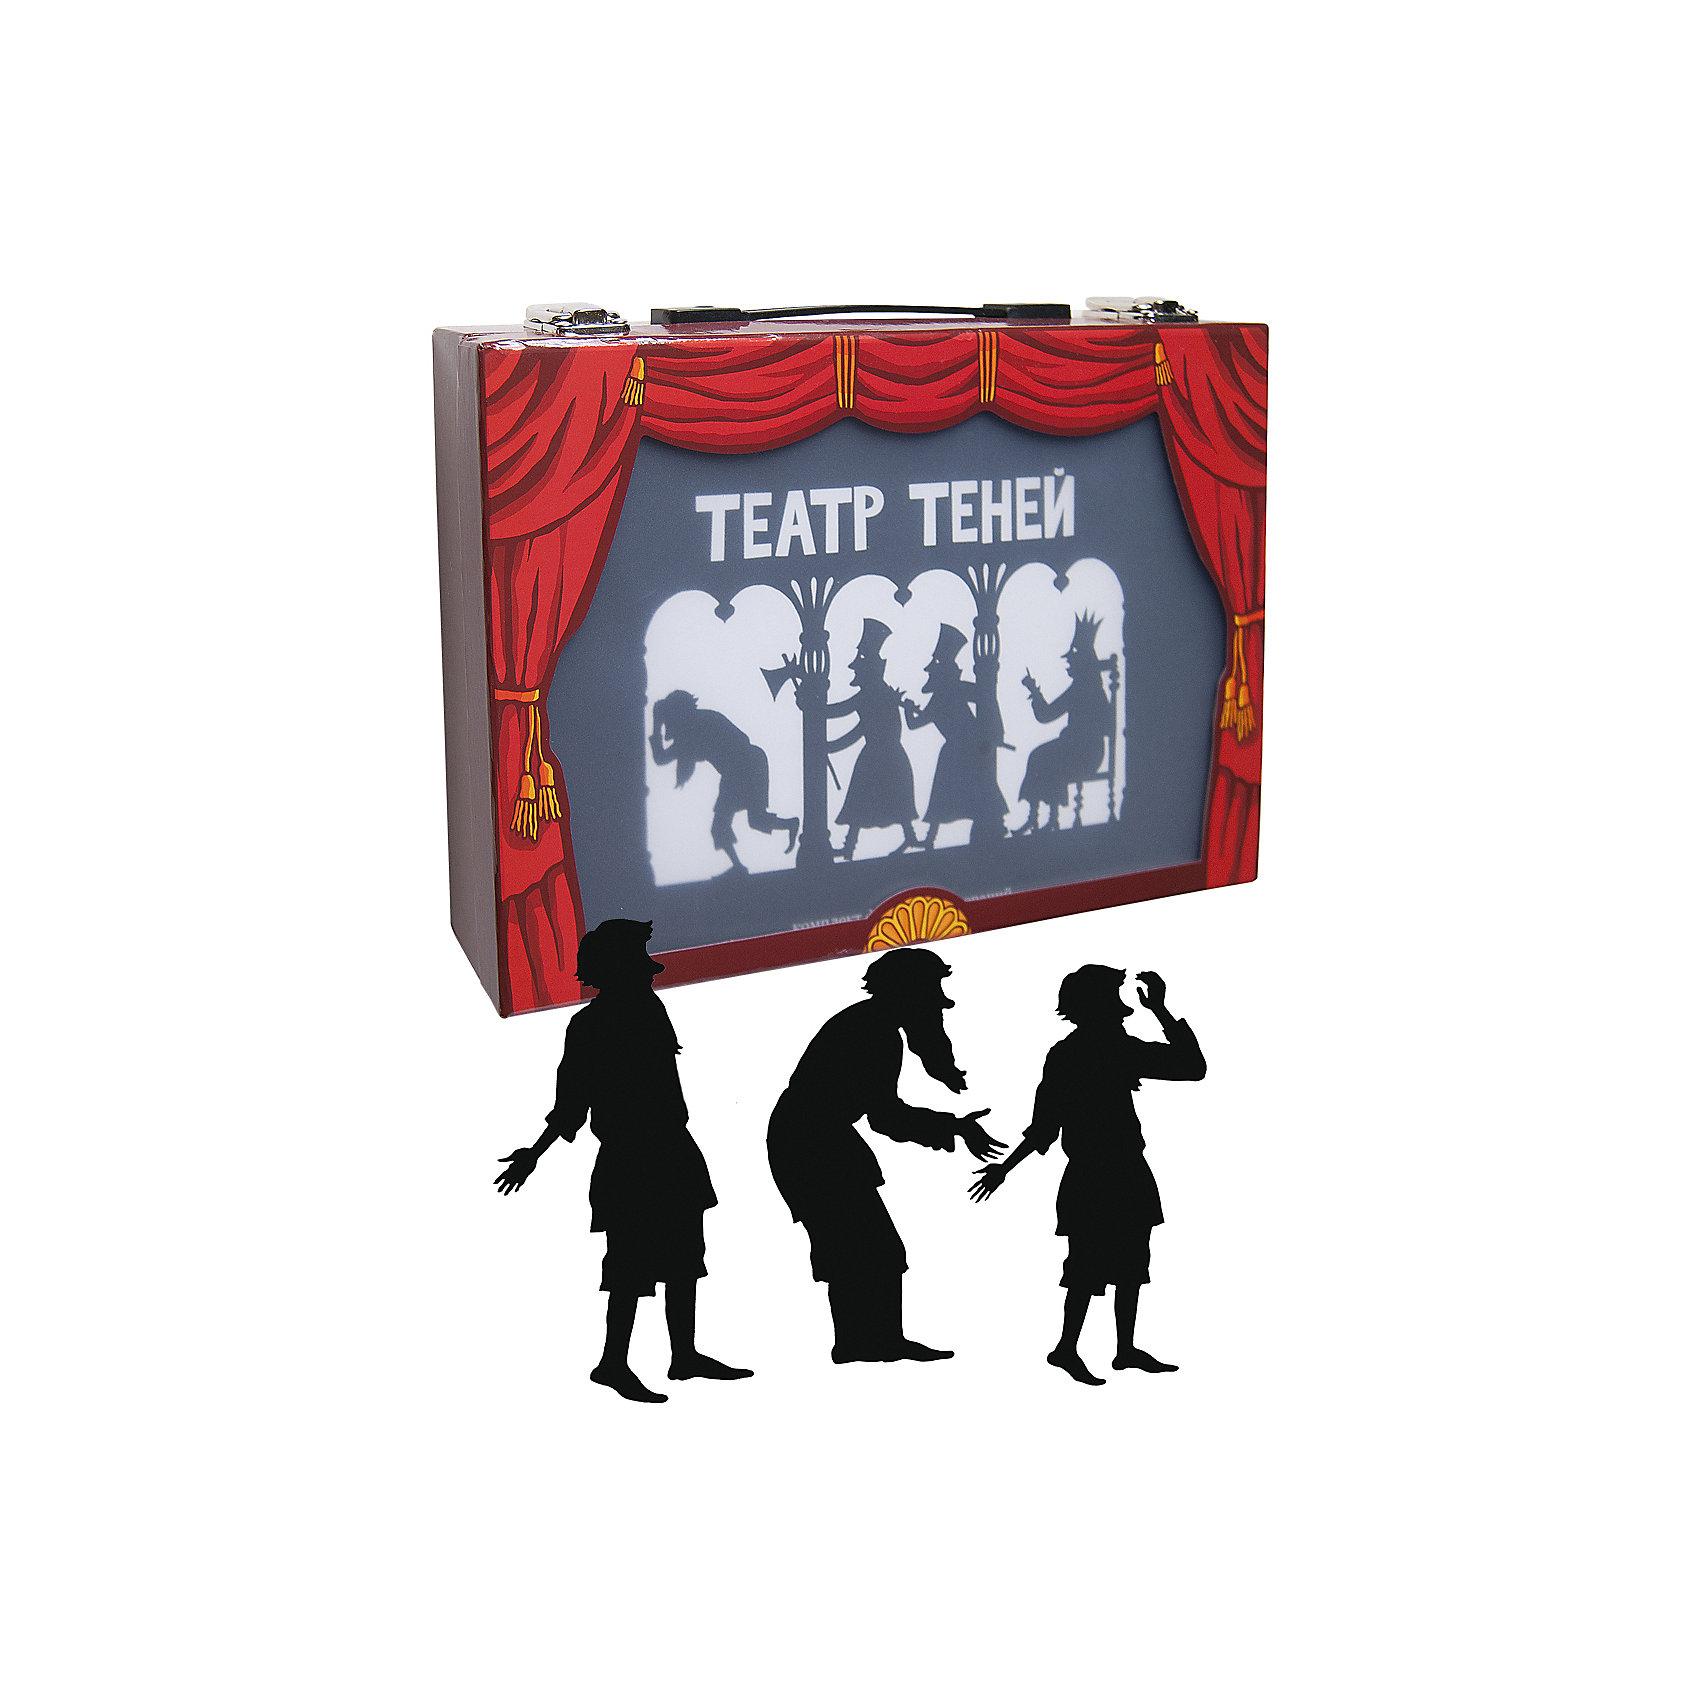 Театр тенейКнига со сценариями 66 страниц, Книга «ТЕАТР ТЕНЕЙ» 24 стр. с цветными иллюстрациями + Большой светодиодный фонарь для сцены (3 элемента питания АА; в набор не входят), 2 маленьких фонарика для декора, Набор из 24 фигурок, 40 деревянных палочек для вождения фигурок, 40 скрепок, Комплект декораций, афиши, билеты, монеты, 6 кнопок-братс для фигурок, Цветные кальки, 1 белая калька для экрана<br><br>Ширина мм: 330<br>Глубина мм: 65<br>Высота мм: 225<br>Вес г: 800<br>Возраст от месяцев: 36<br>Возраст до месяцев: 144<br>Пол: Унисекс<br>Возраст: Детский<br>SKU: 5429449